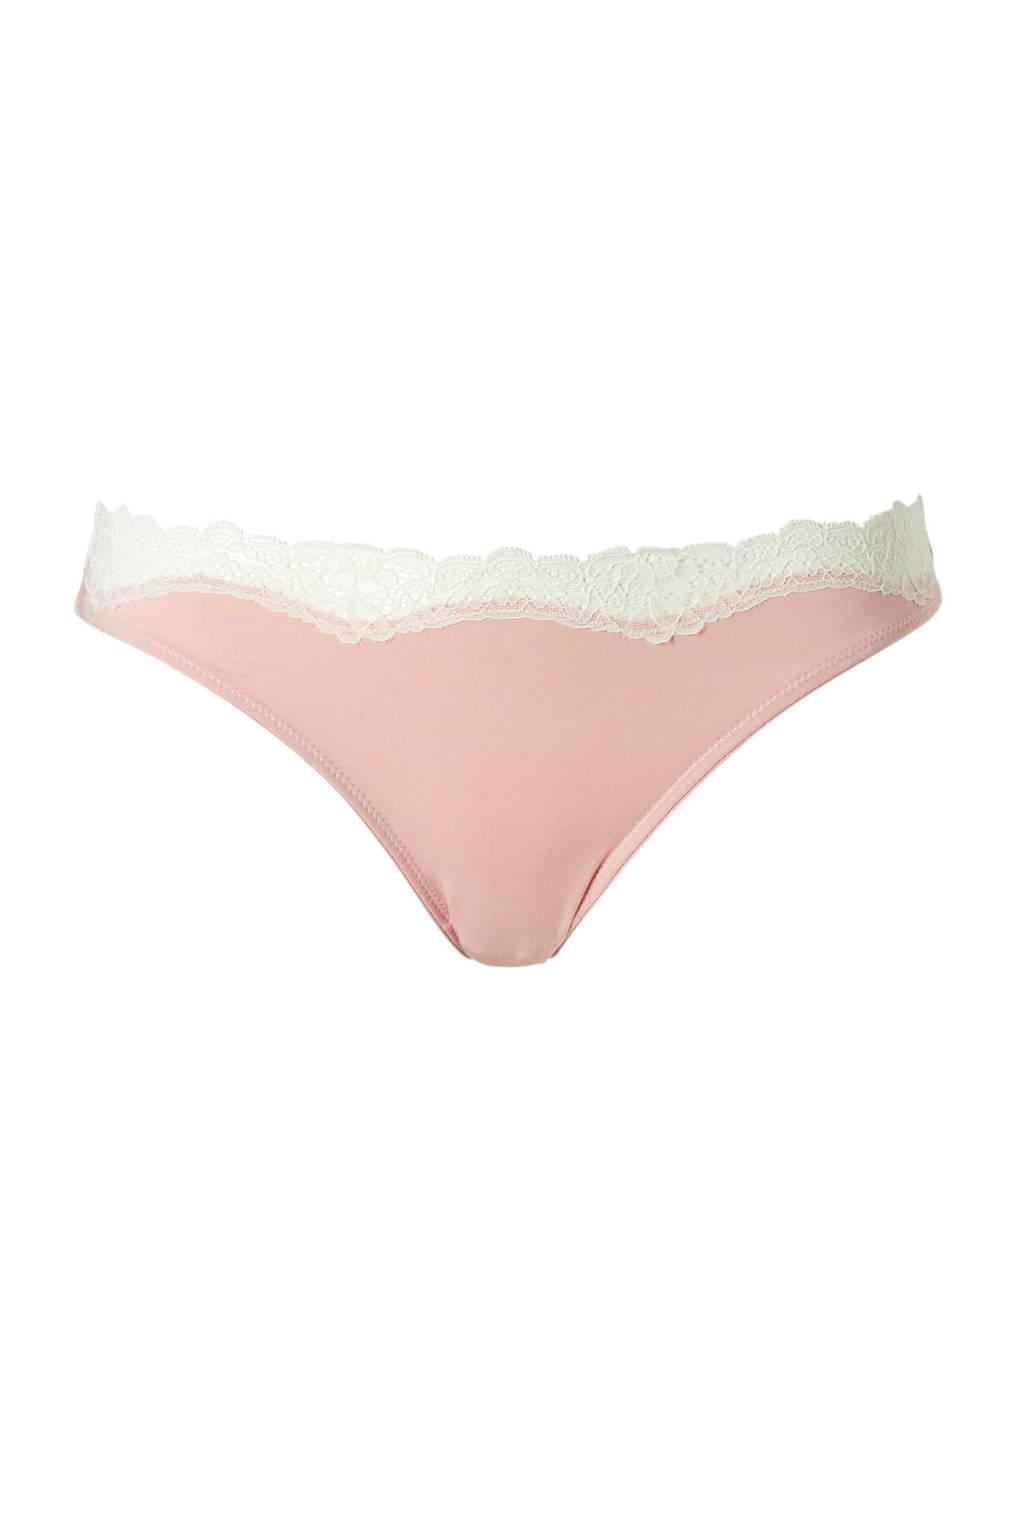 ESPRIT Women Bodywear slip lichtroze, Lichtroze